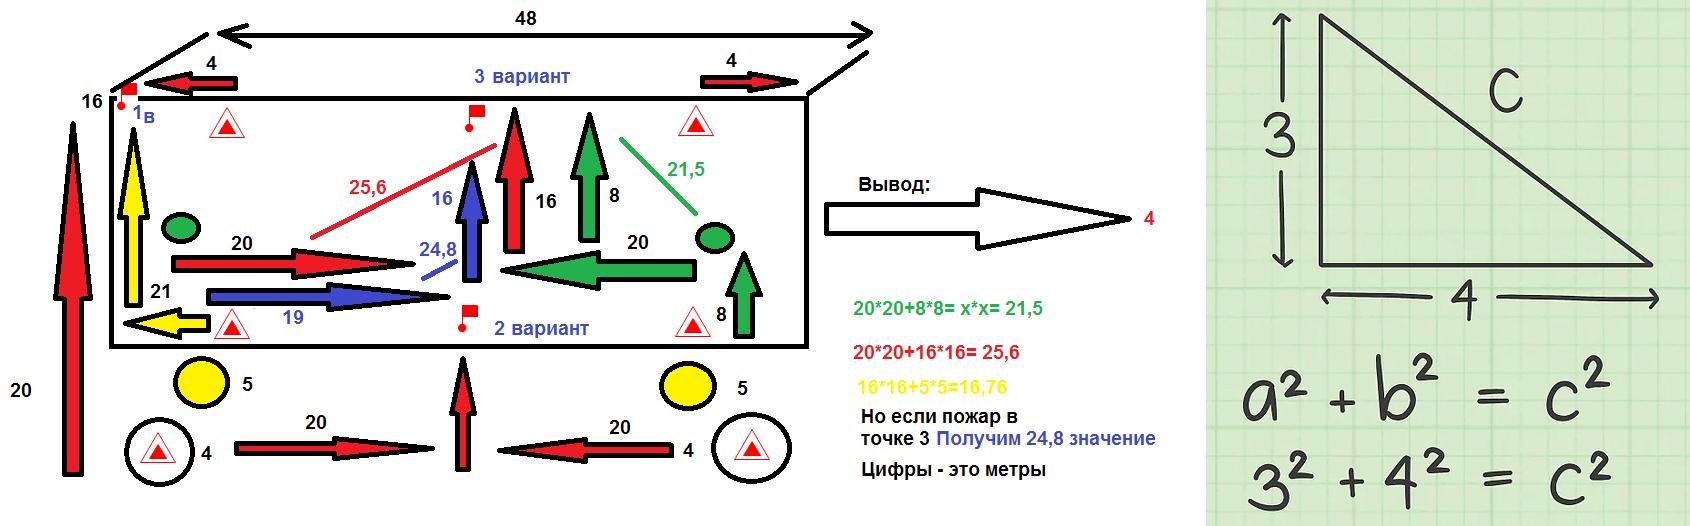 Пример расчета огнетушителей в здании